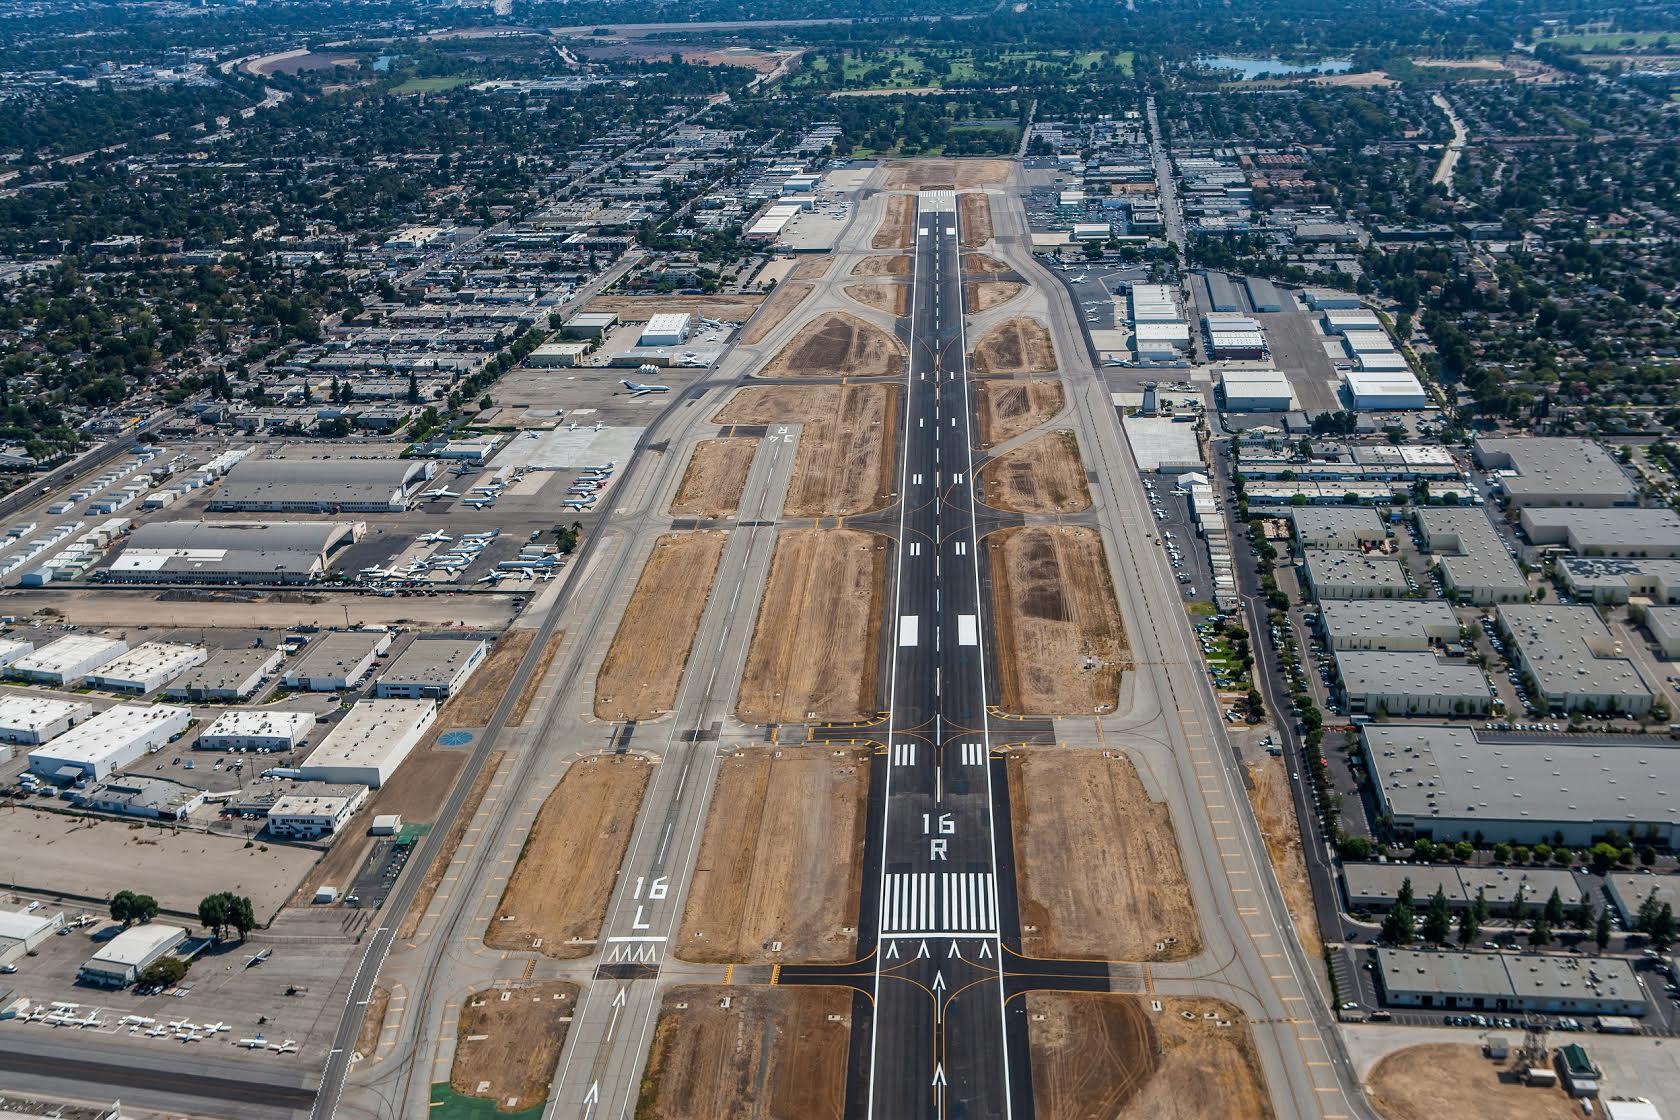 Aerial view of Van Nuys Airport